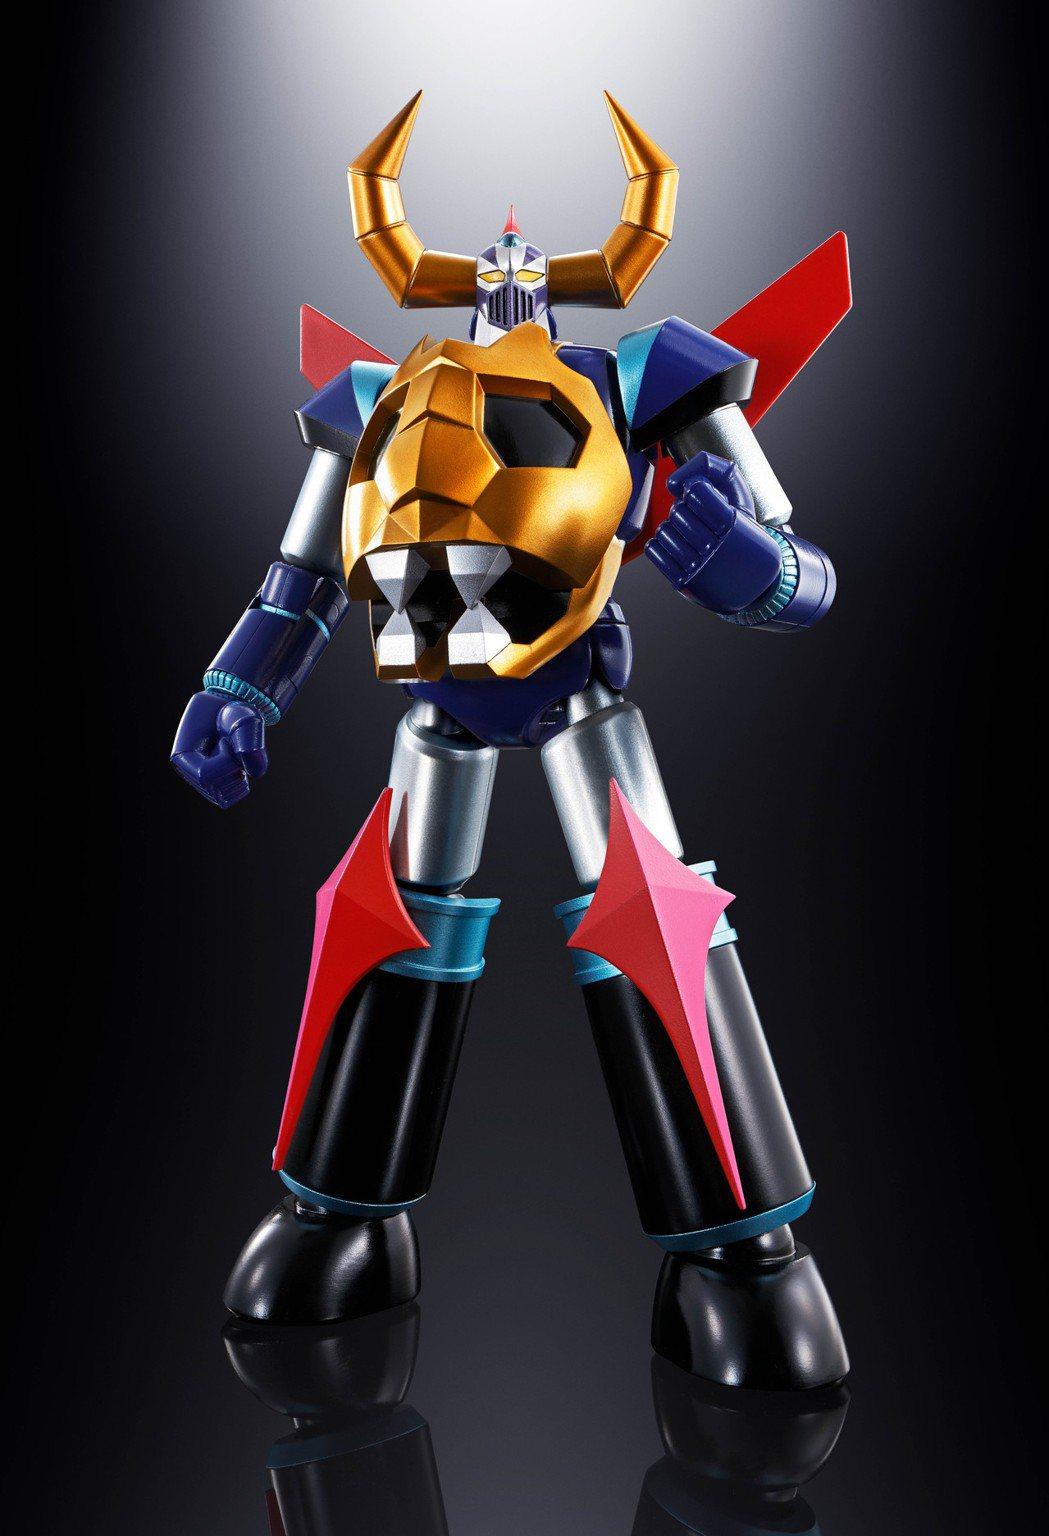 首度在台公開的超合金魂 GX-100 鎧王。